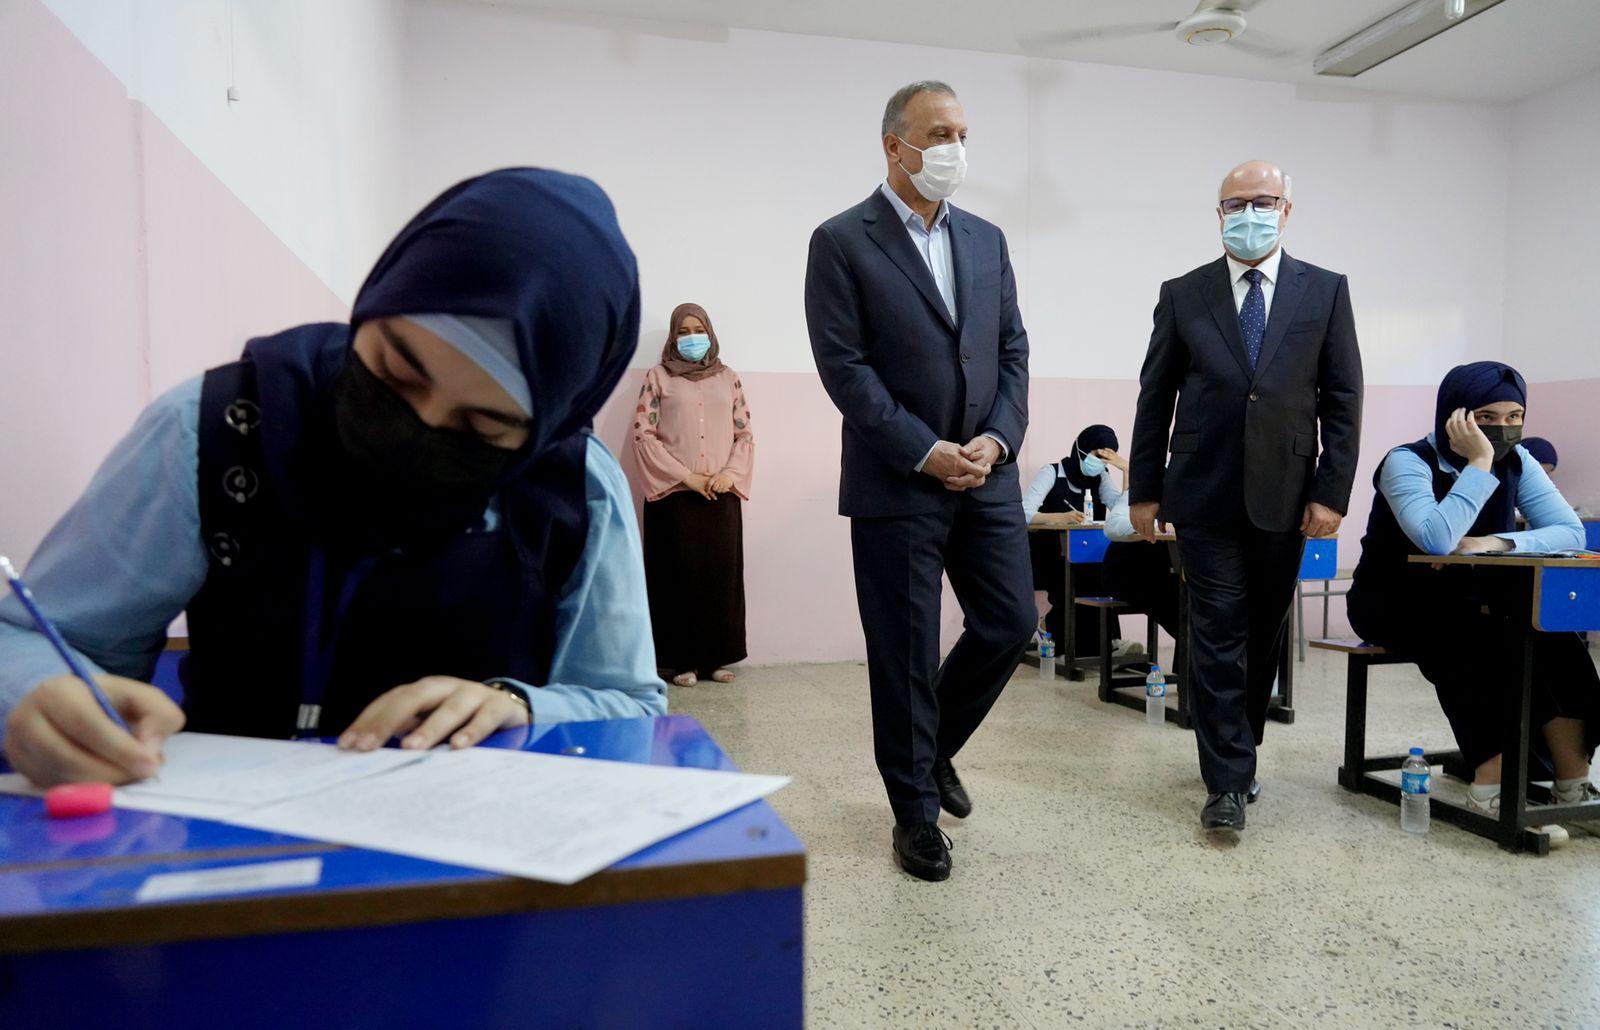 عاجل : ألكشف عن جميع نتائج امتحانات الثالث متوسط في جميع محافظات العراق ...